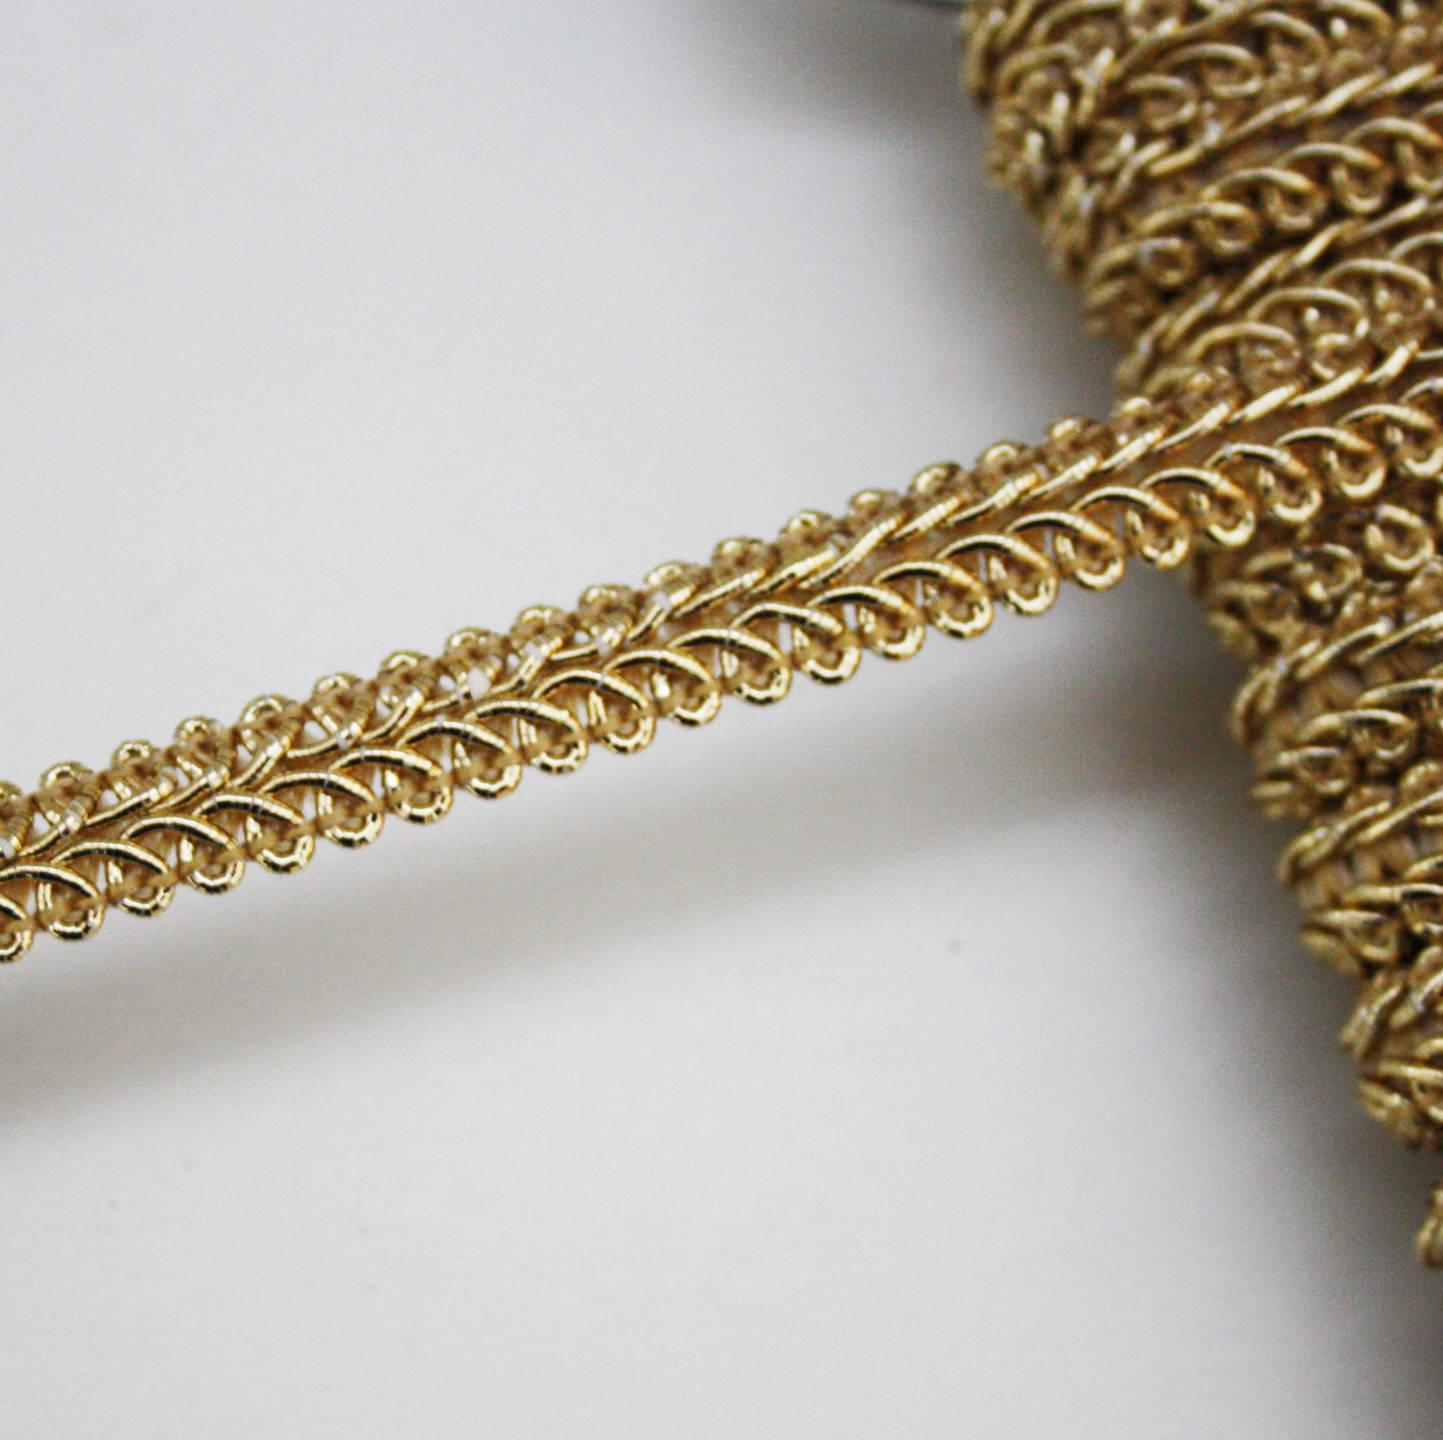 Galon doré 10 mm, galon de passementerie, 1 m, ruban doré